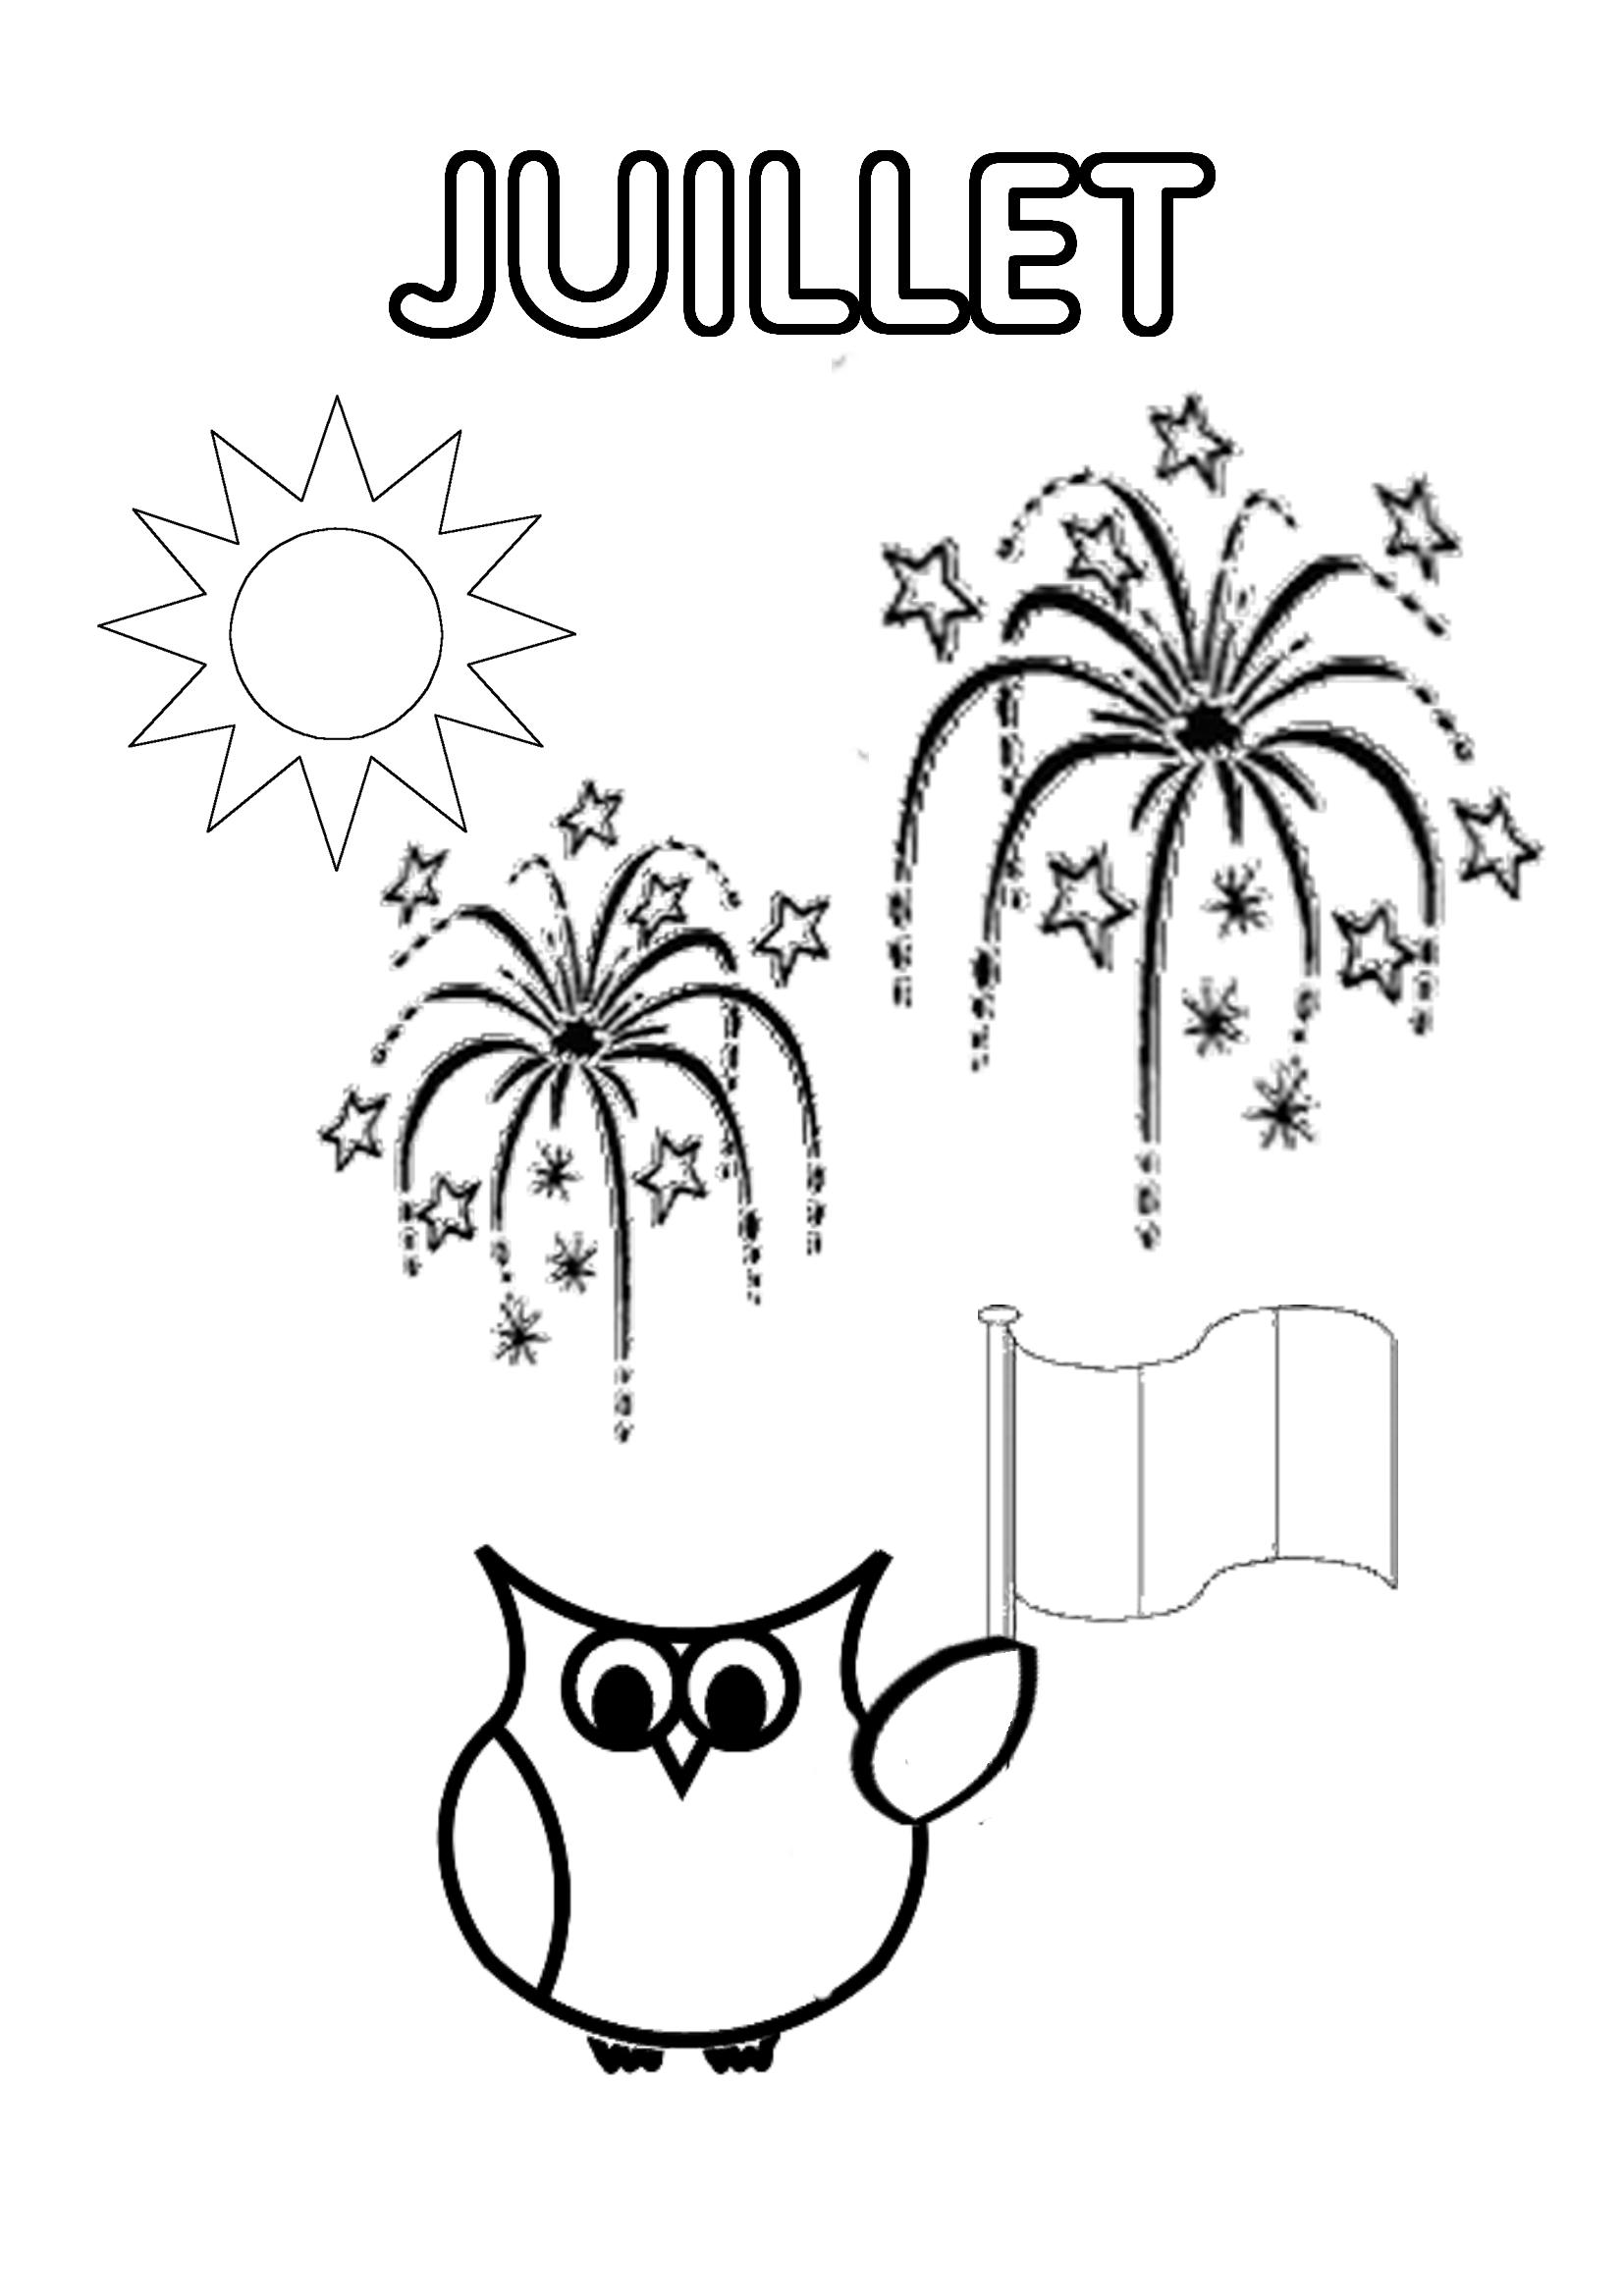 Mois De L'année - Page Du Cahier De Vie | Cahier De Vie tout Mois À Colorier Maternelle